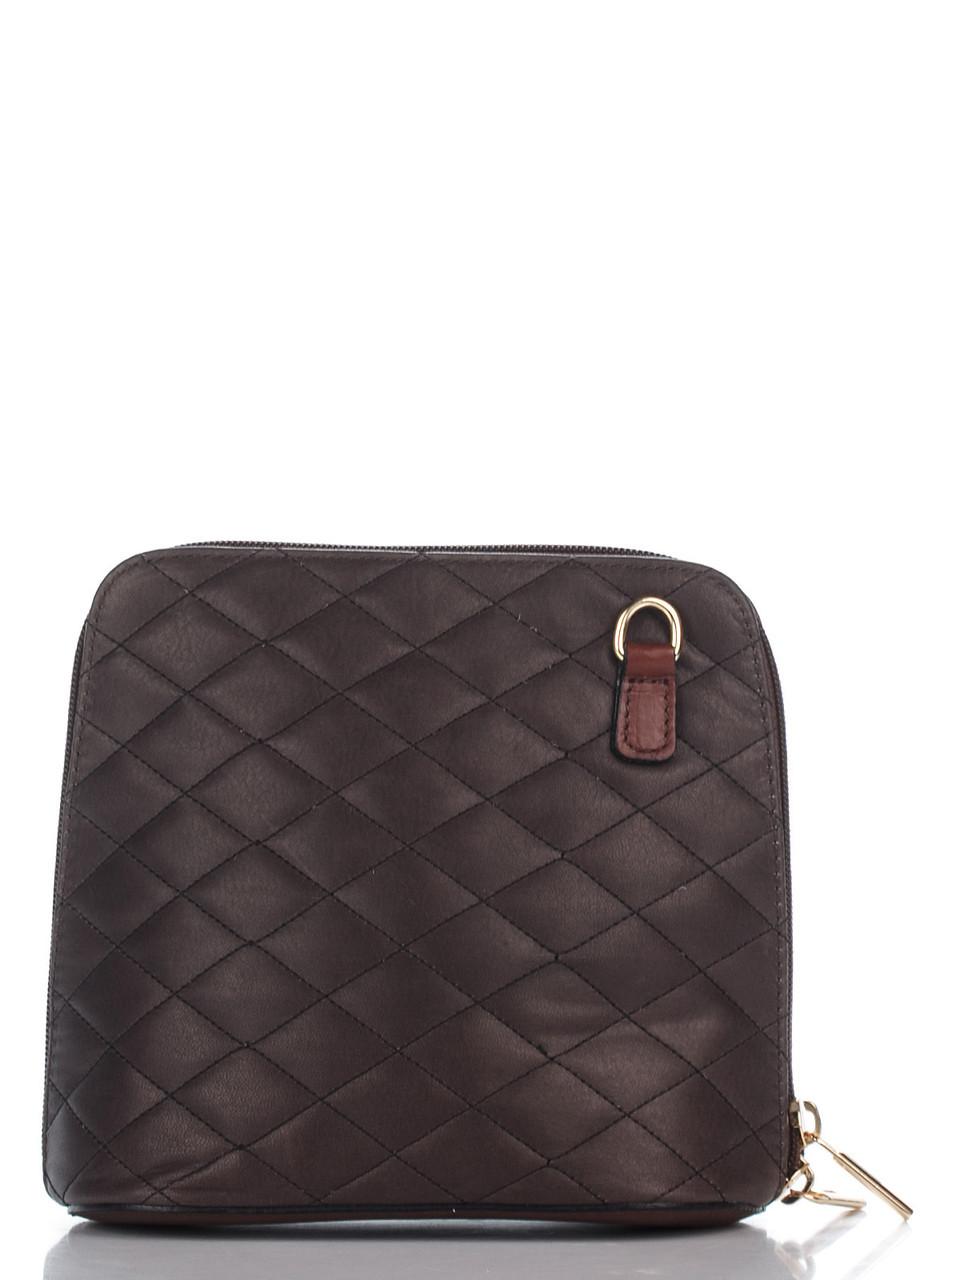 Жіноча шкіряна сумка RAMONA diva's Bag колір темно-коричневий